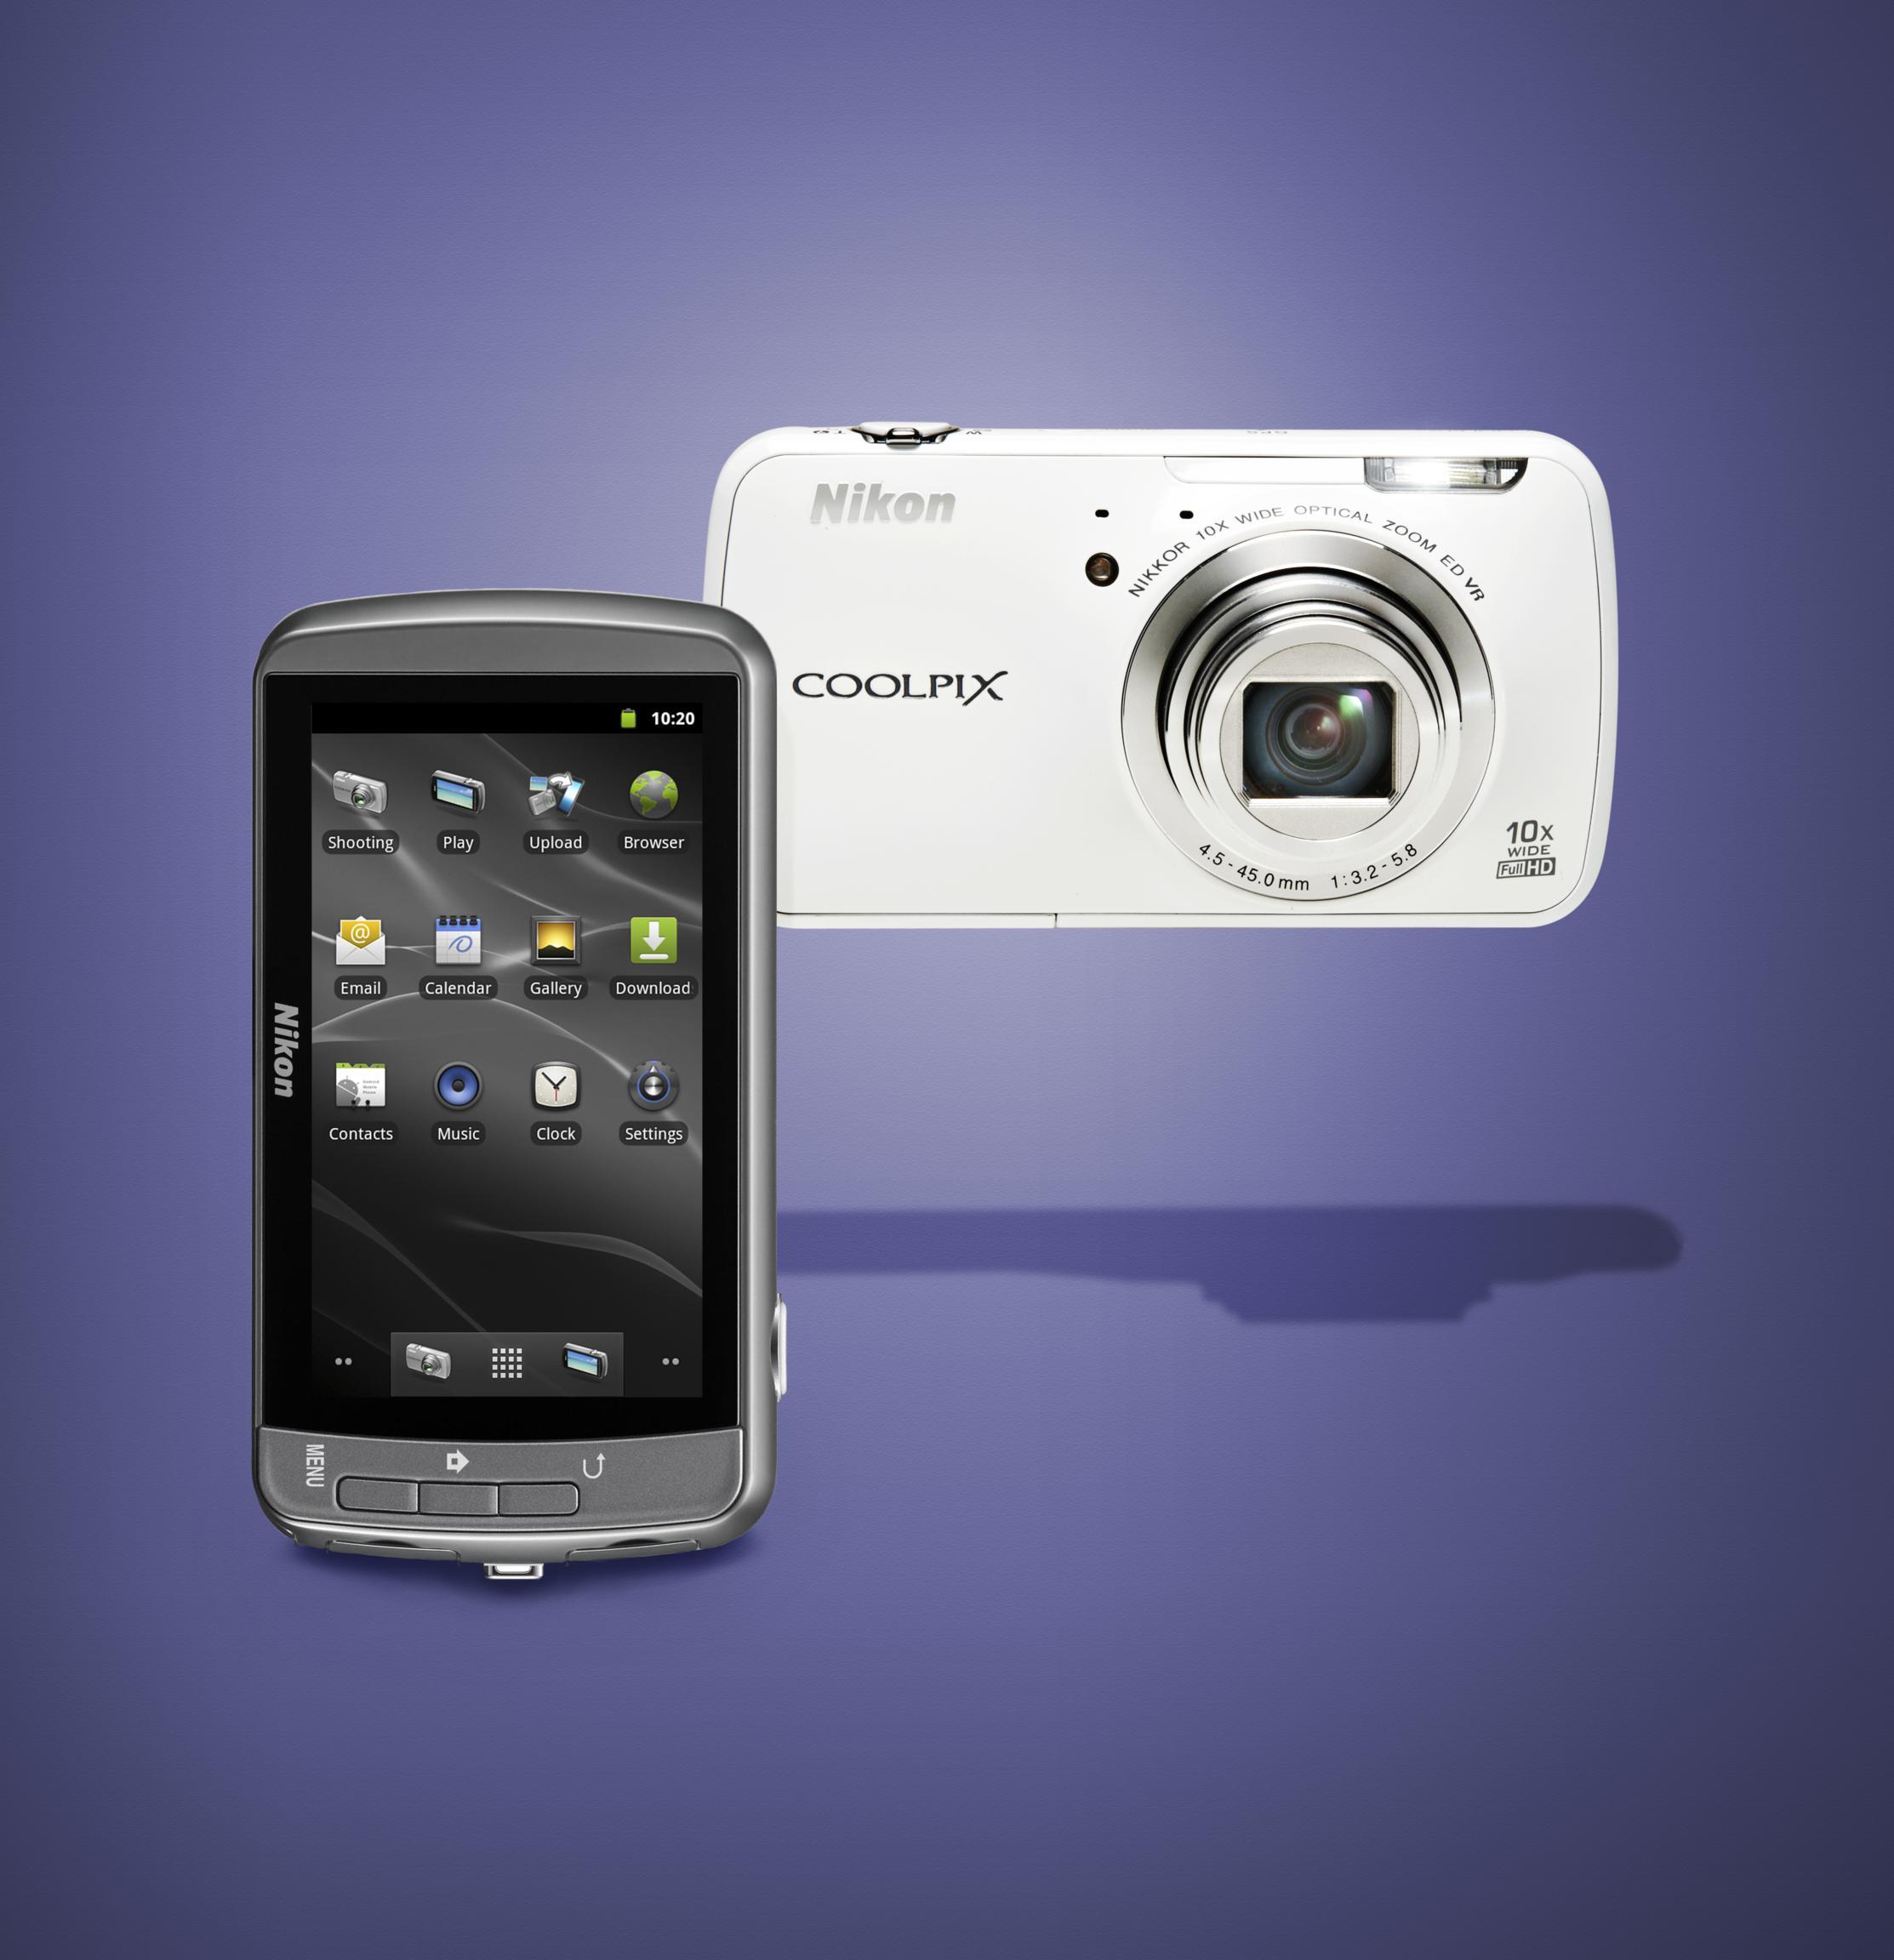 Coolpix S800c, la nueva cámara de Nikon con Android, y 3 nuevas cámaras